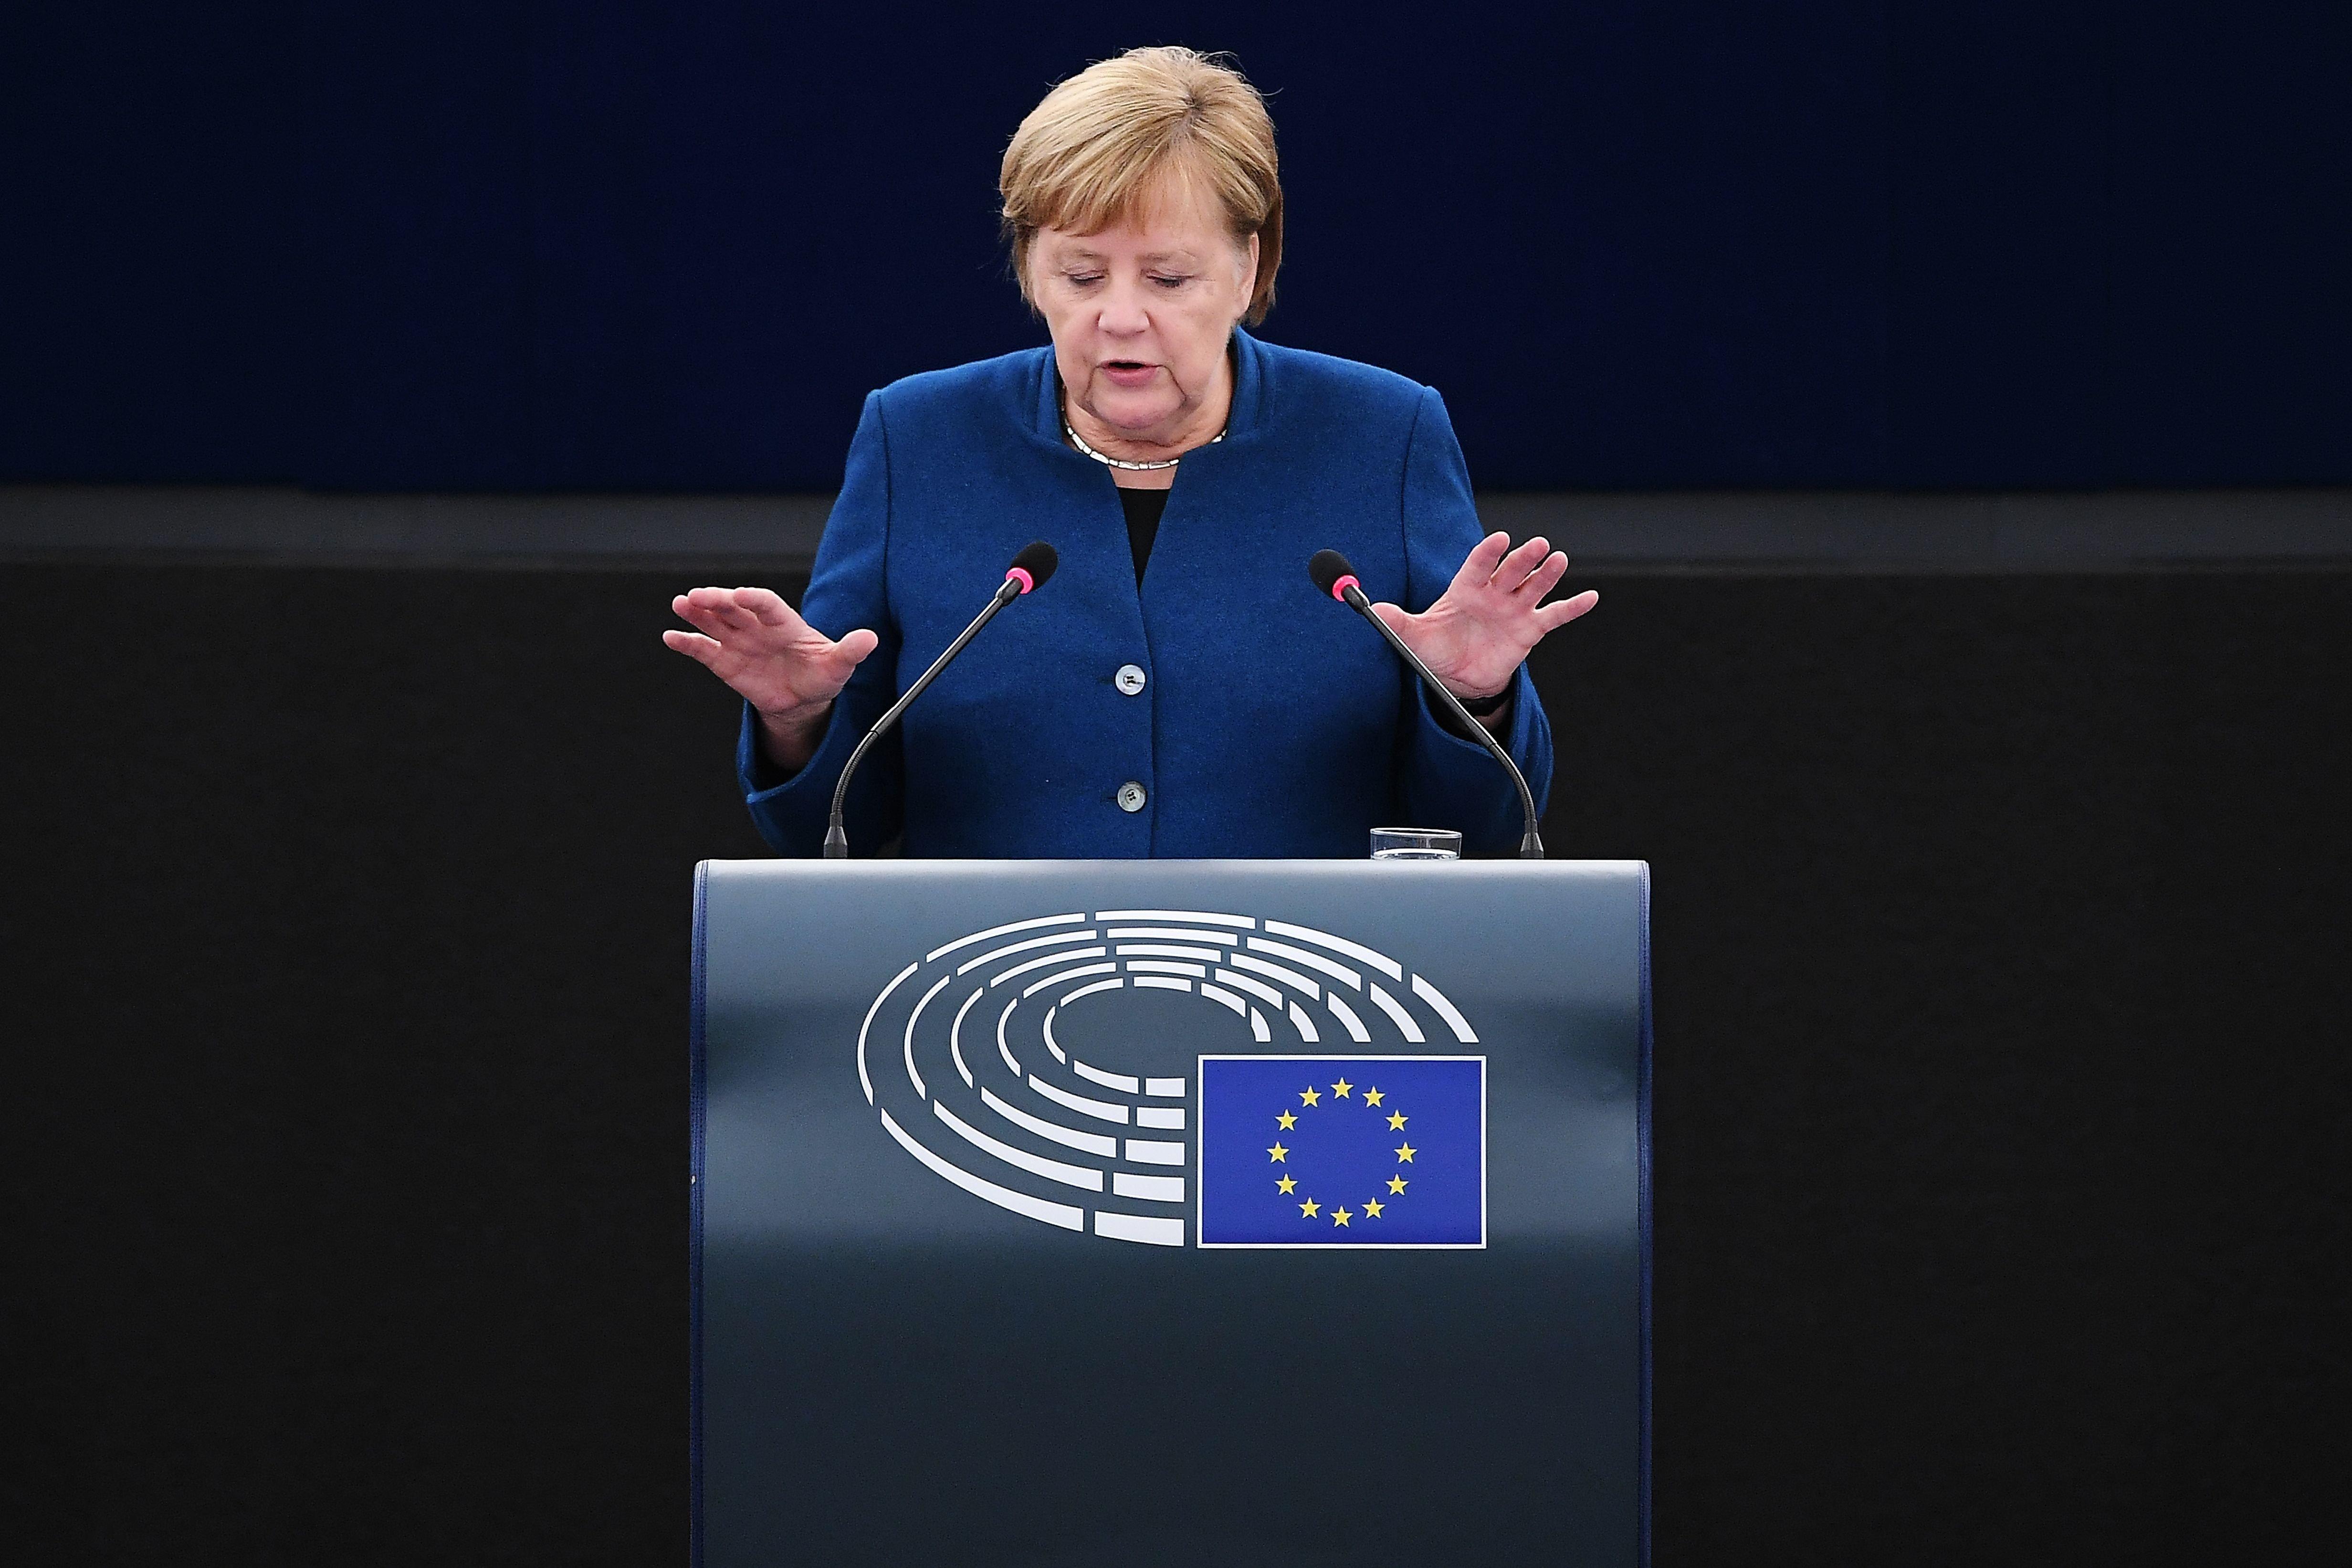 Merkel gesteht im EU-Parlament Fehler in der Flüchtlingspolitik ein: